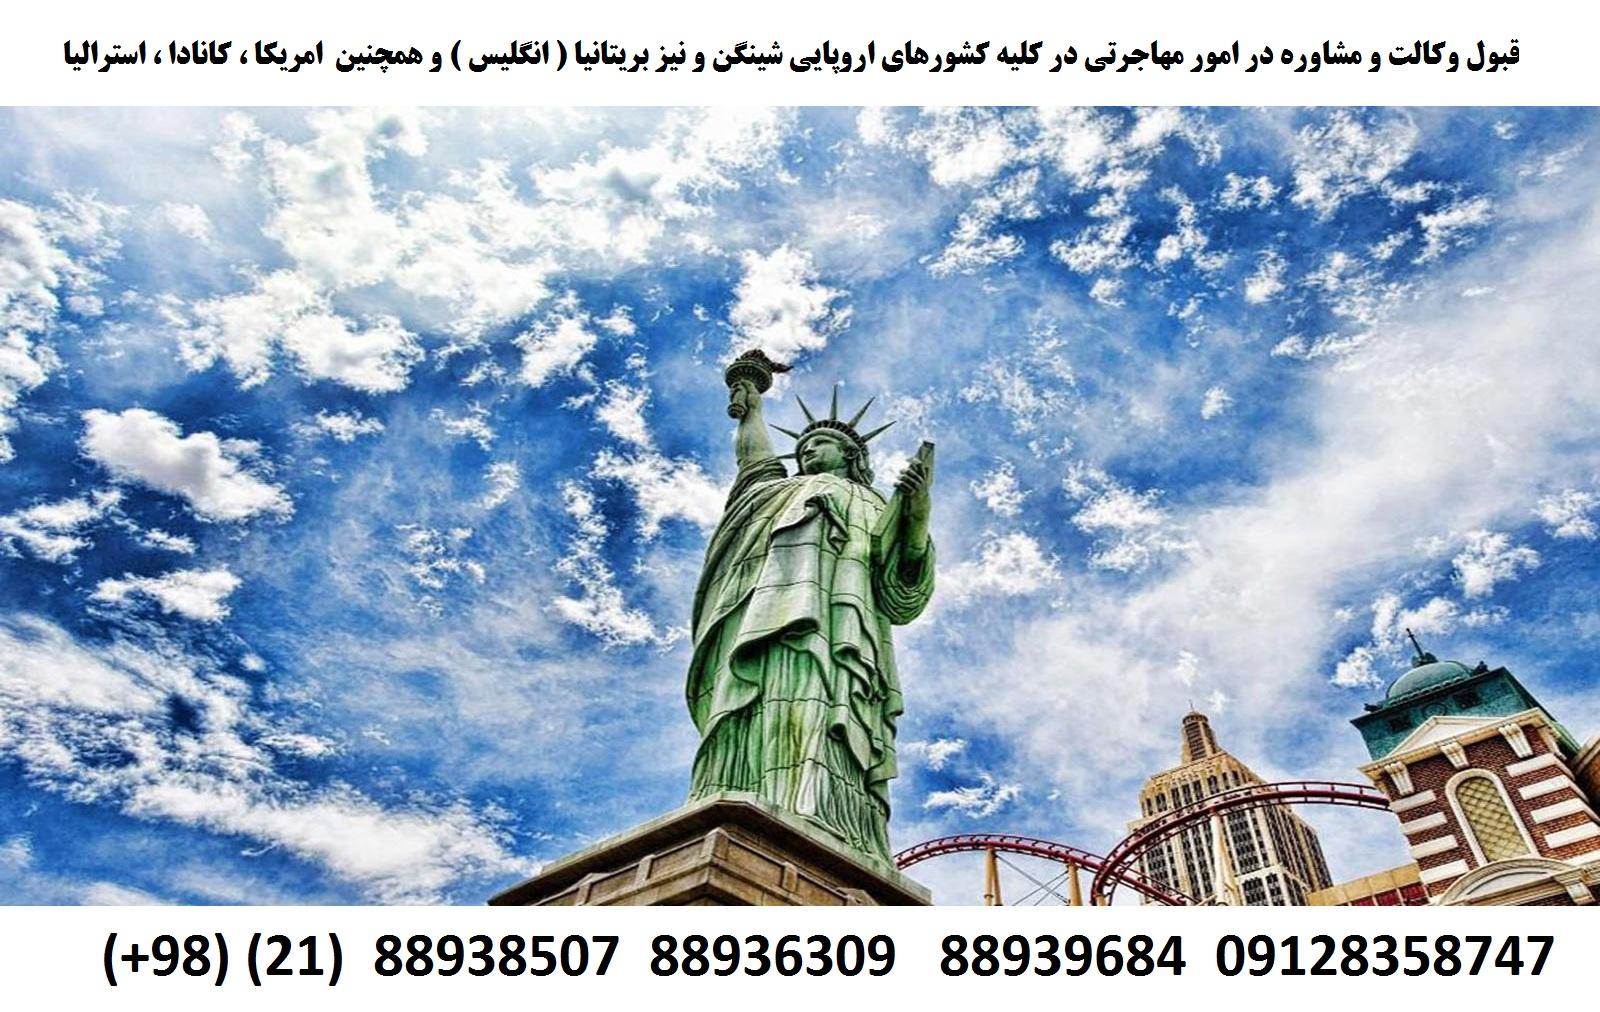 وکیل مهاجرتی در کلیه کشورها (7)